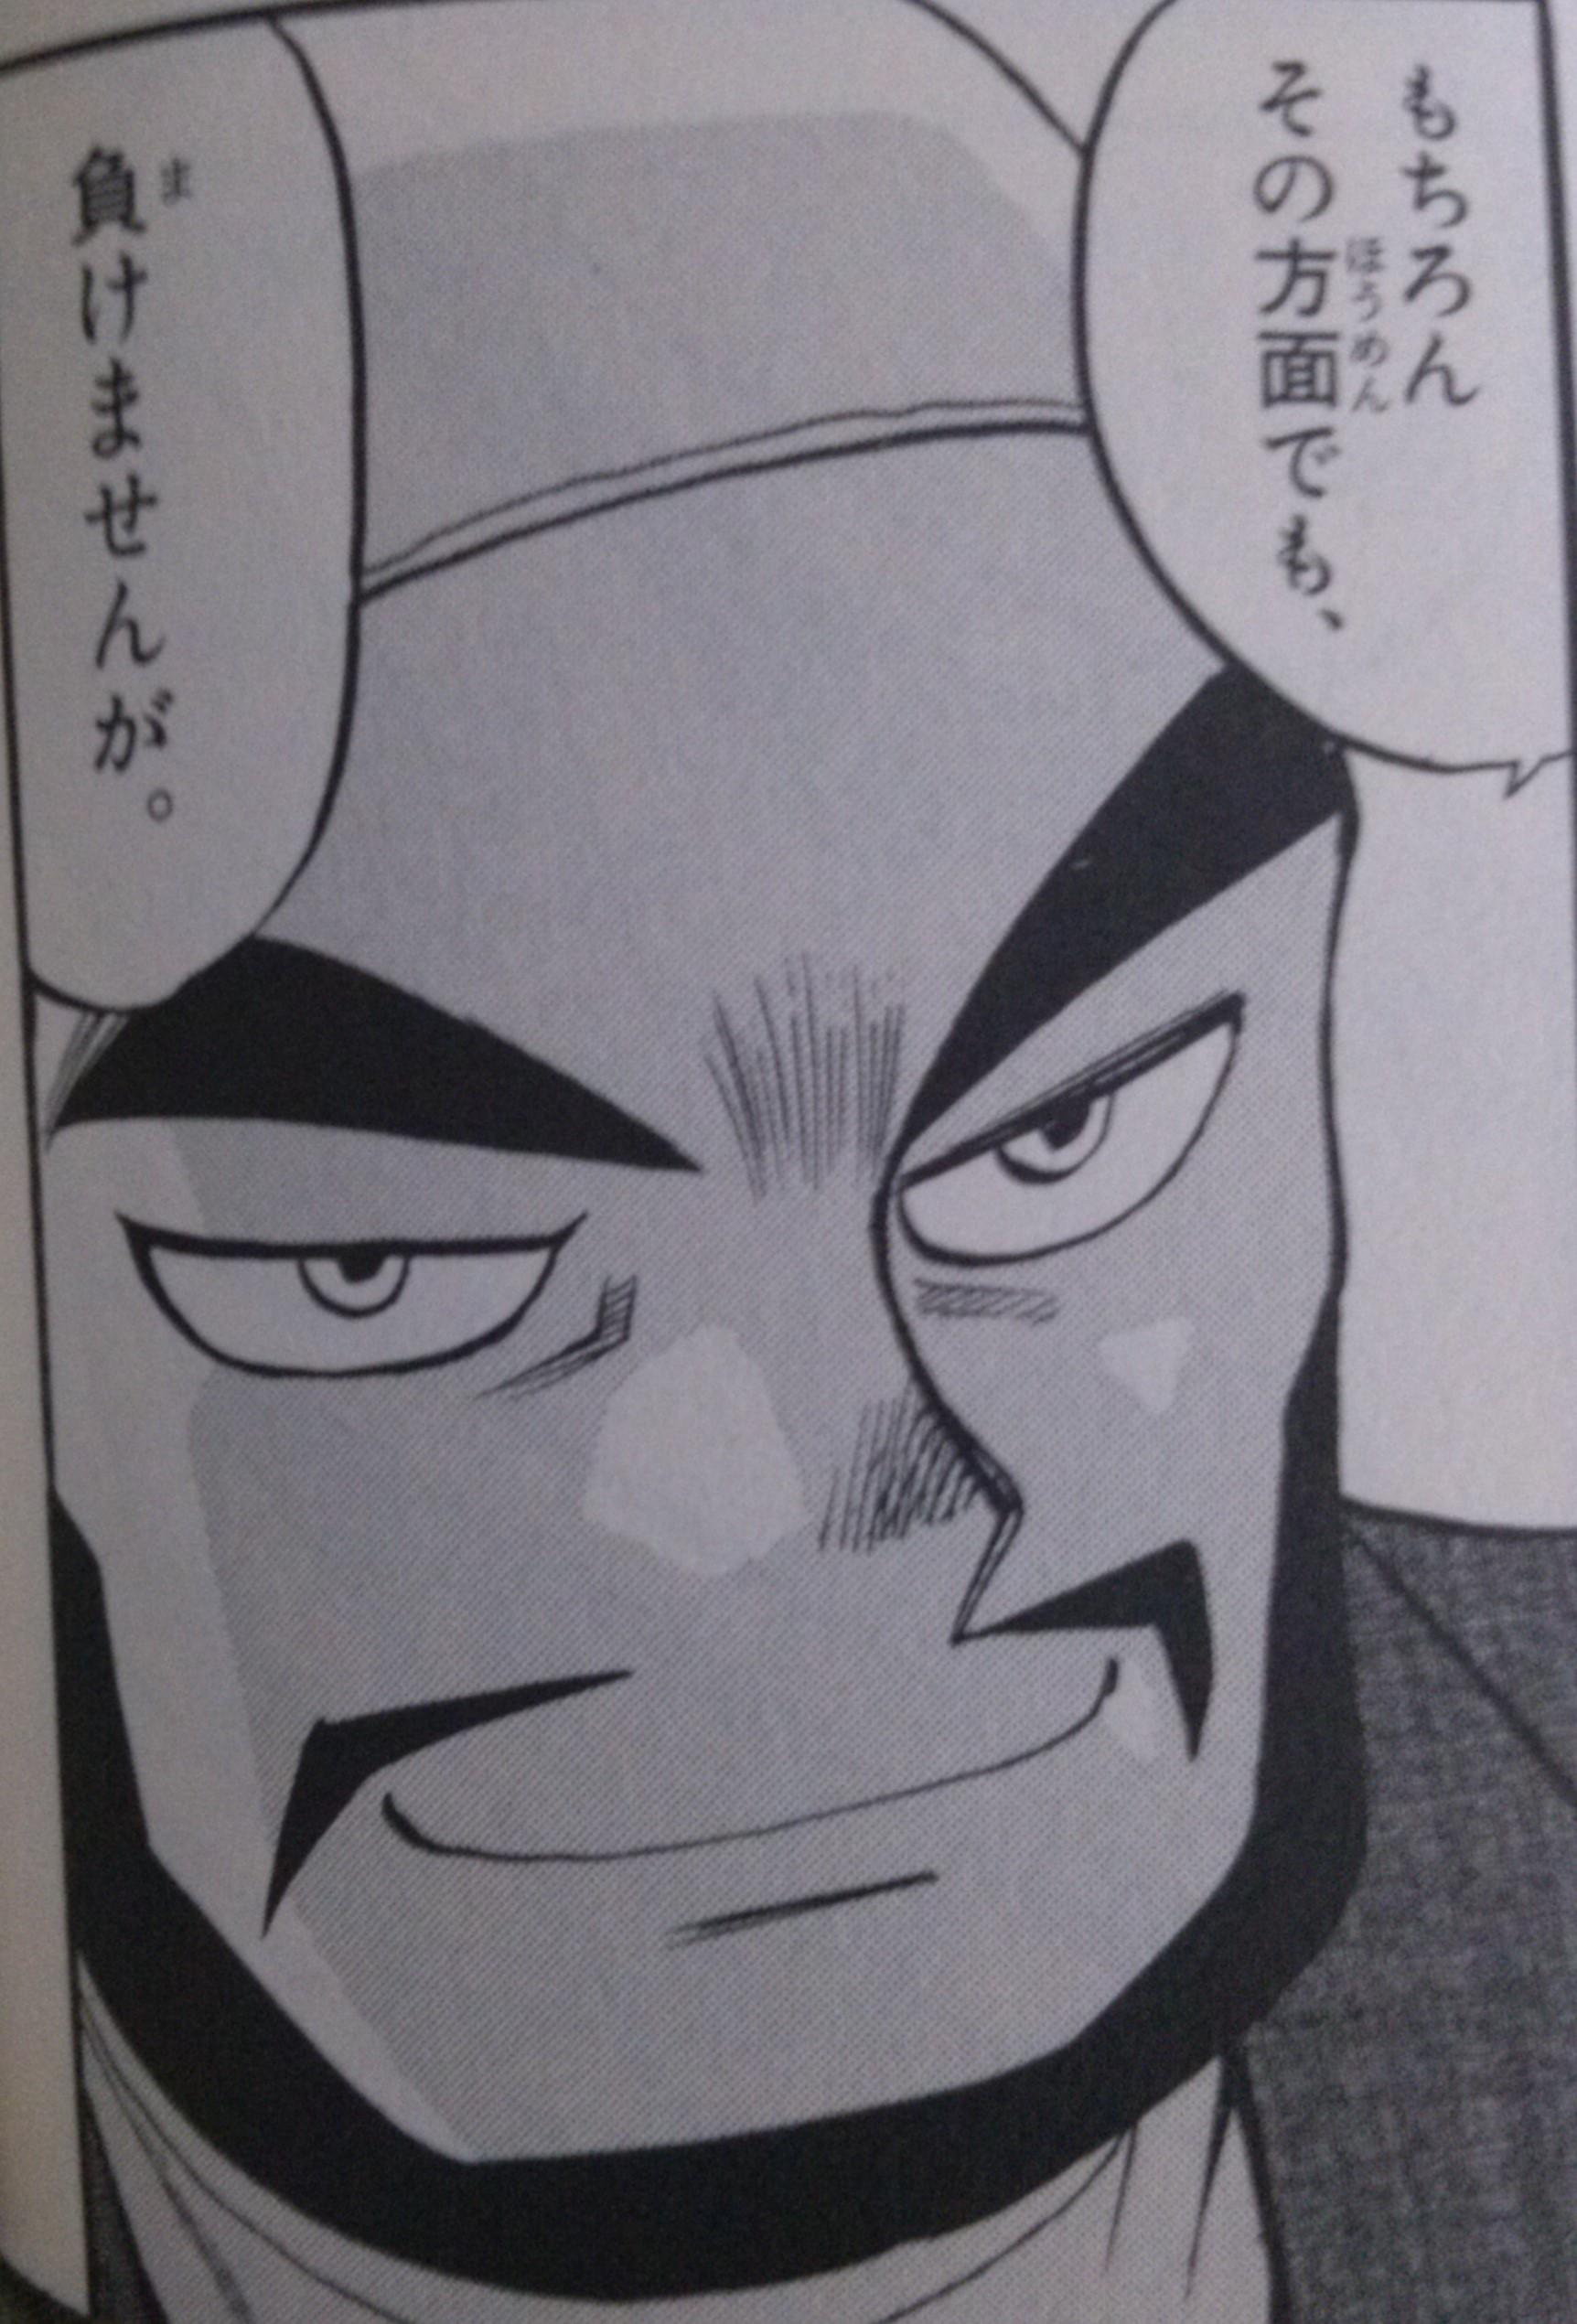 ポケモンDPの登場人物(ジムリーダー・四 ...